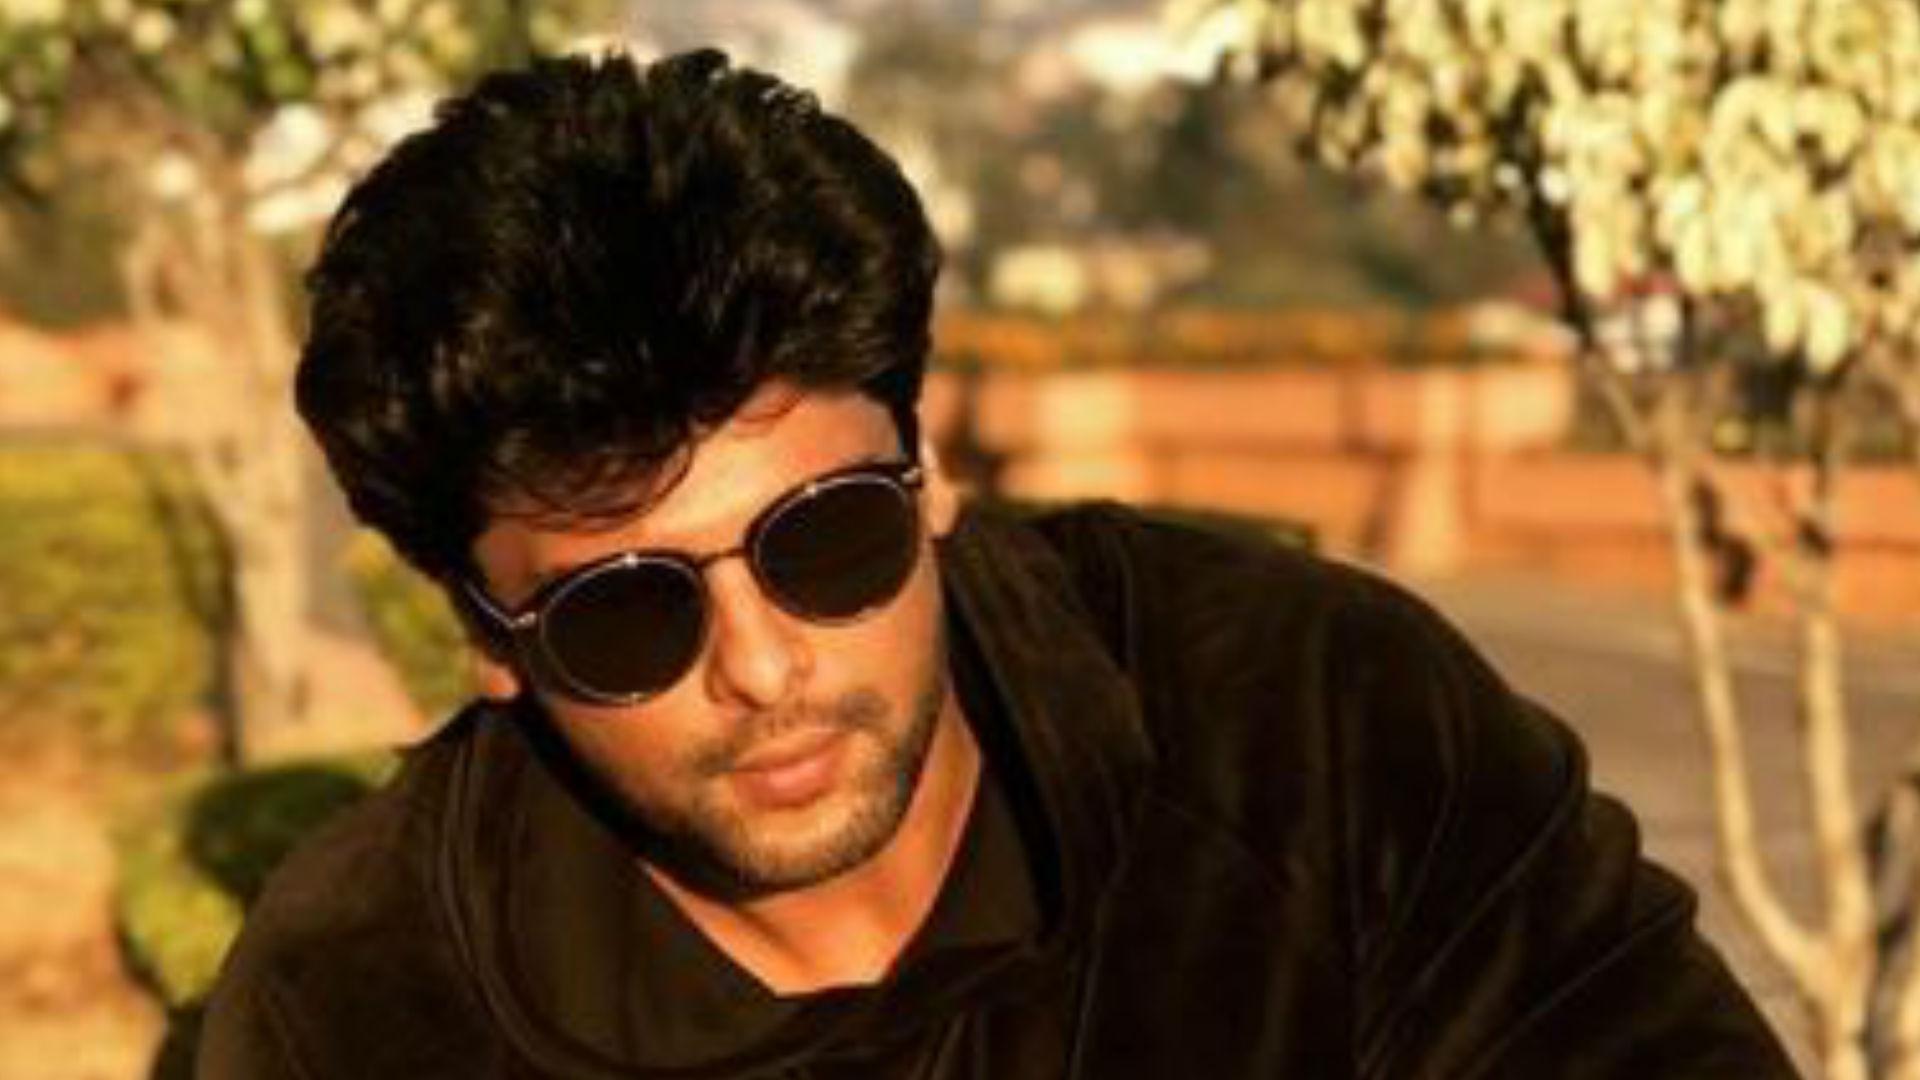 एक्ट्रेस गौहर खान के बचाव में उतरे एक्स ब्वॉयफ्रेंड कुशाल टंडन, पायल रोहतगी की लगाई जबरदस्त क्लास